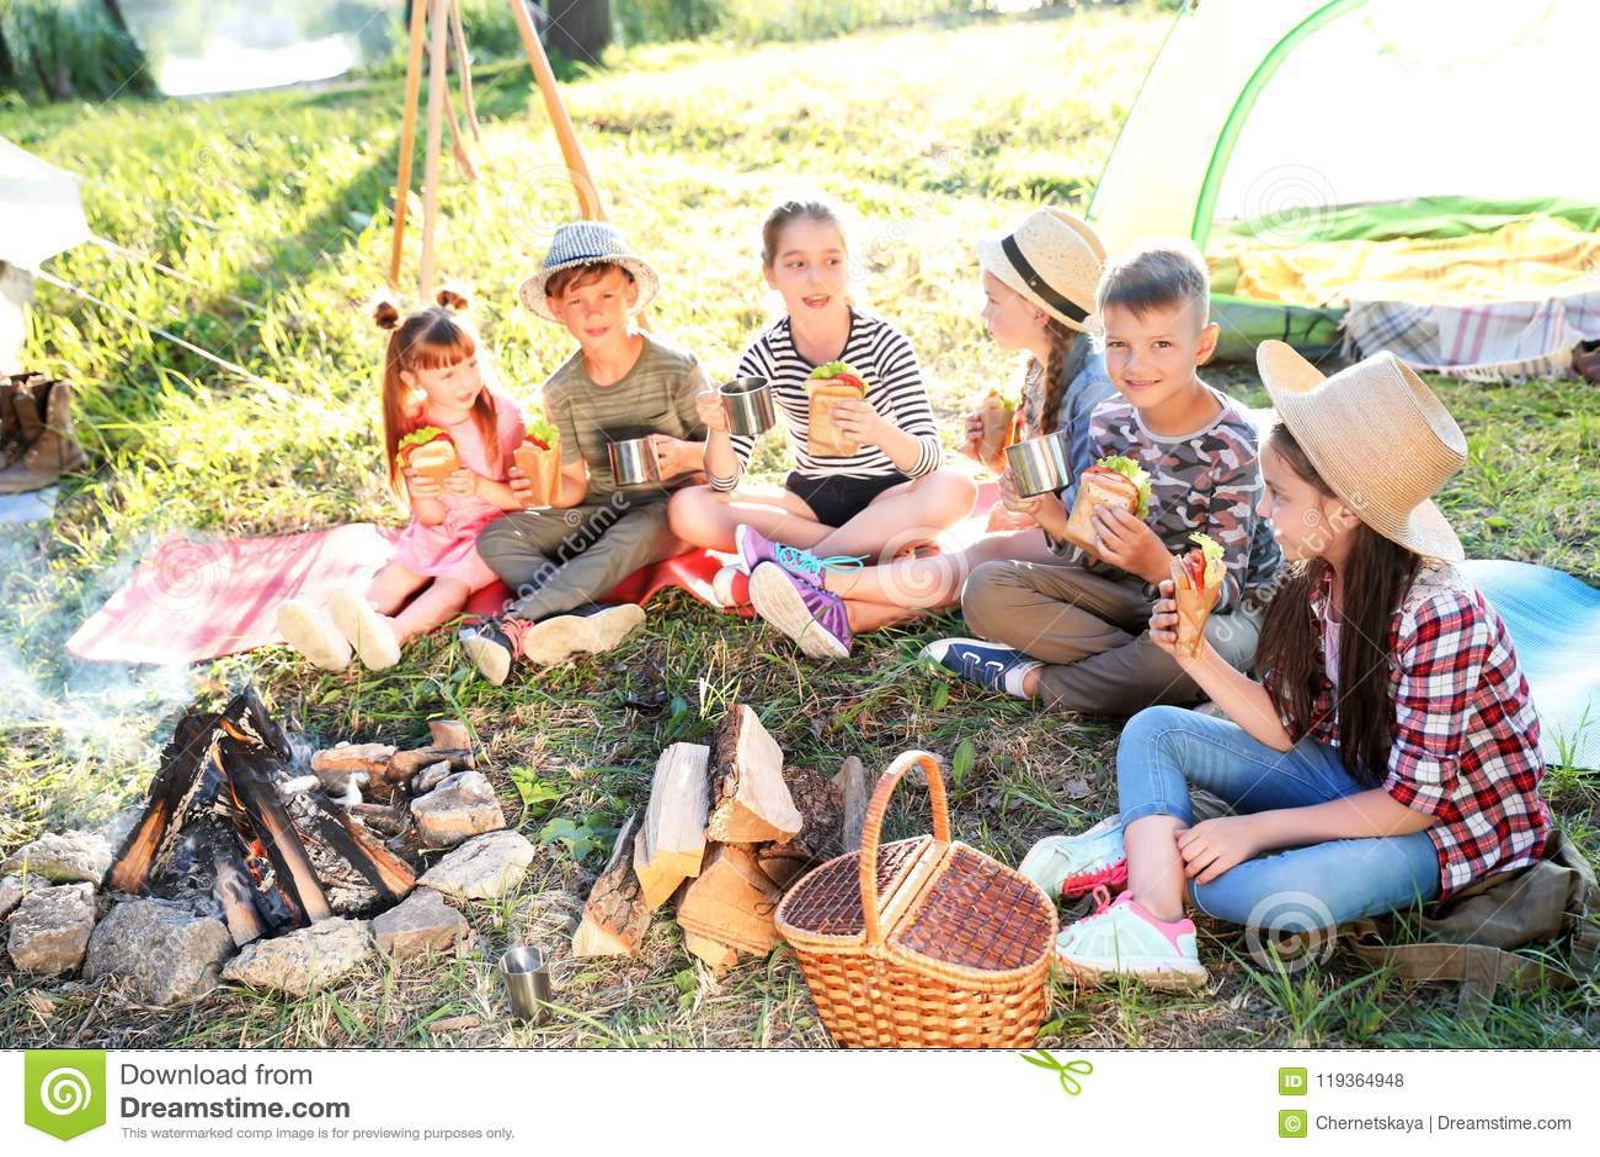 Die kleinen Kinder, die Sandwiche essen, nähern sich Feuer